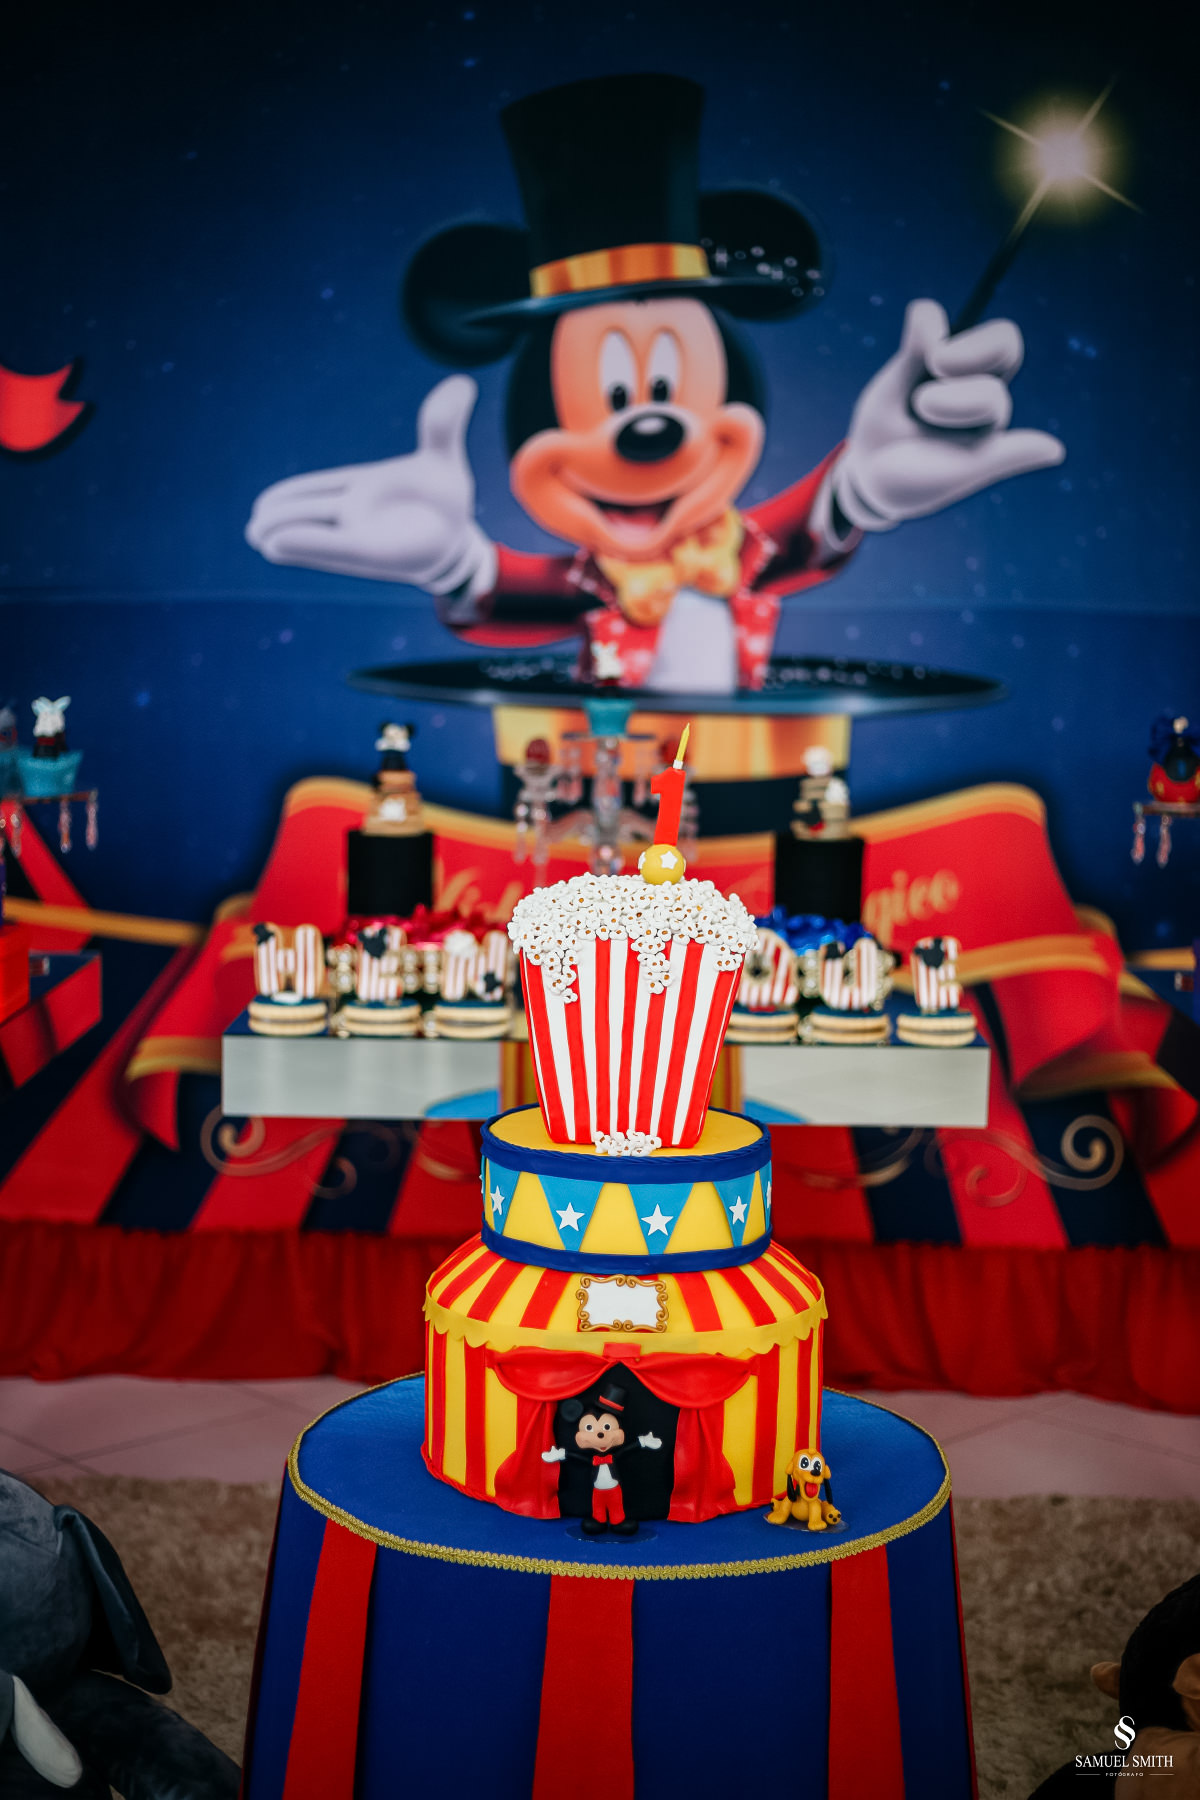 fotógrafo - aniversário - infantil - laguna sc - decoração -salão art festa - 1 ano - fotos - criança - Samuel Smith Fotografia (3)